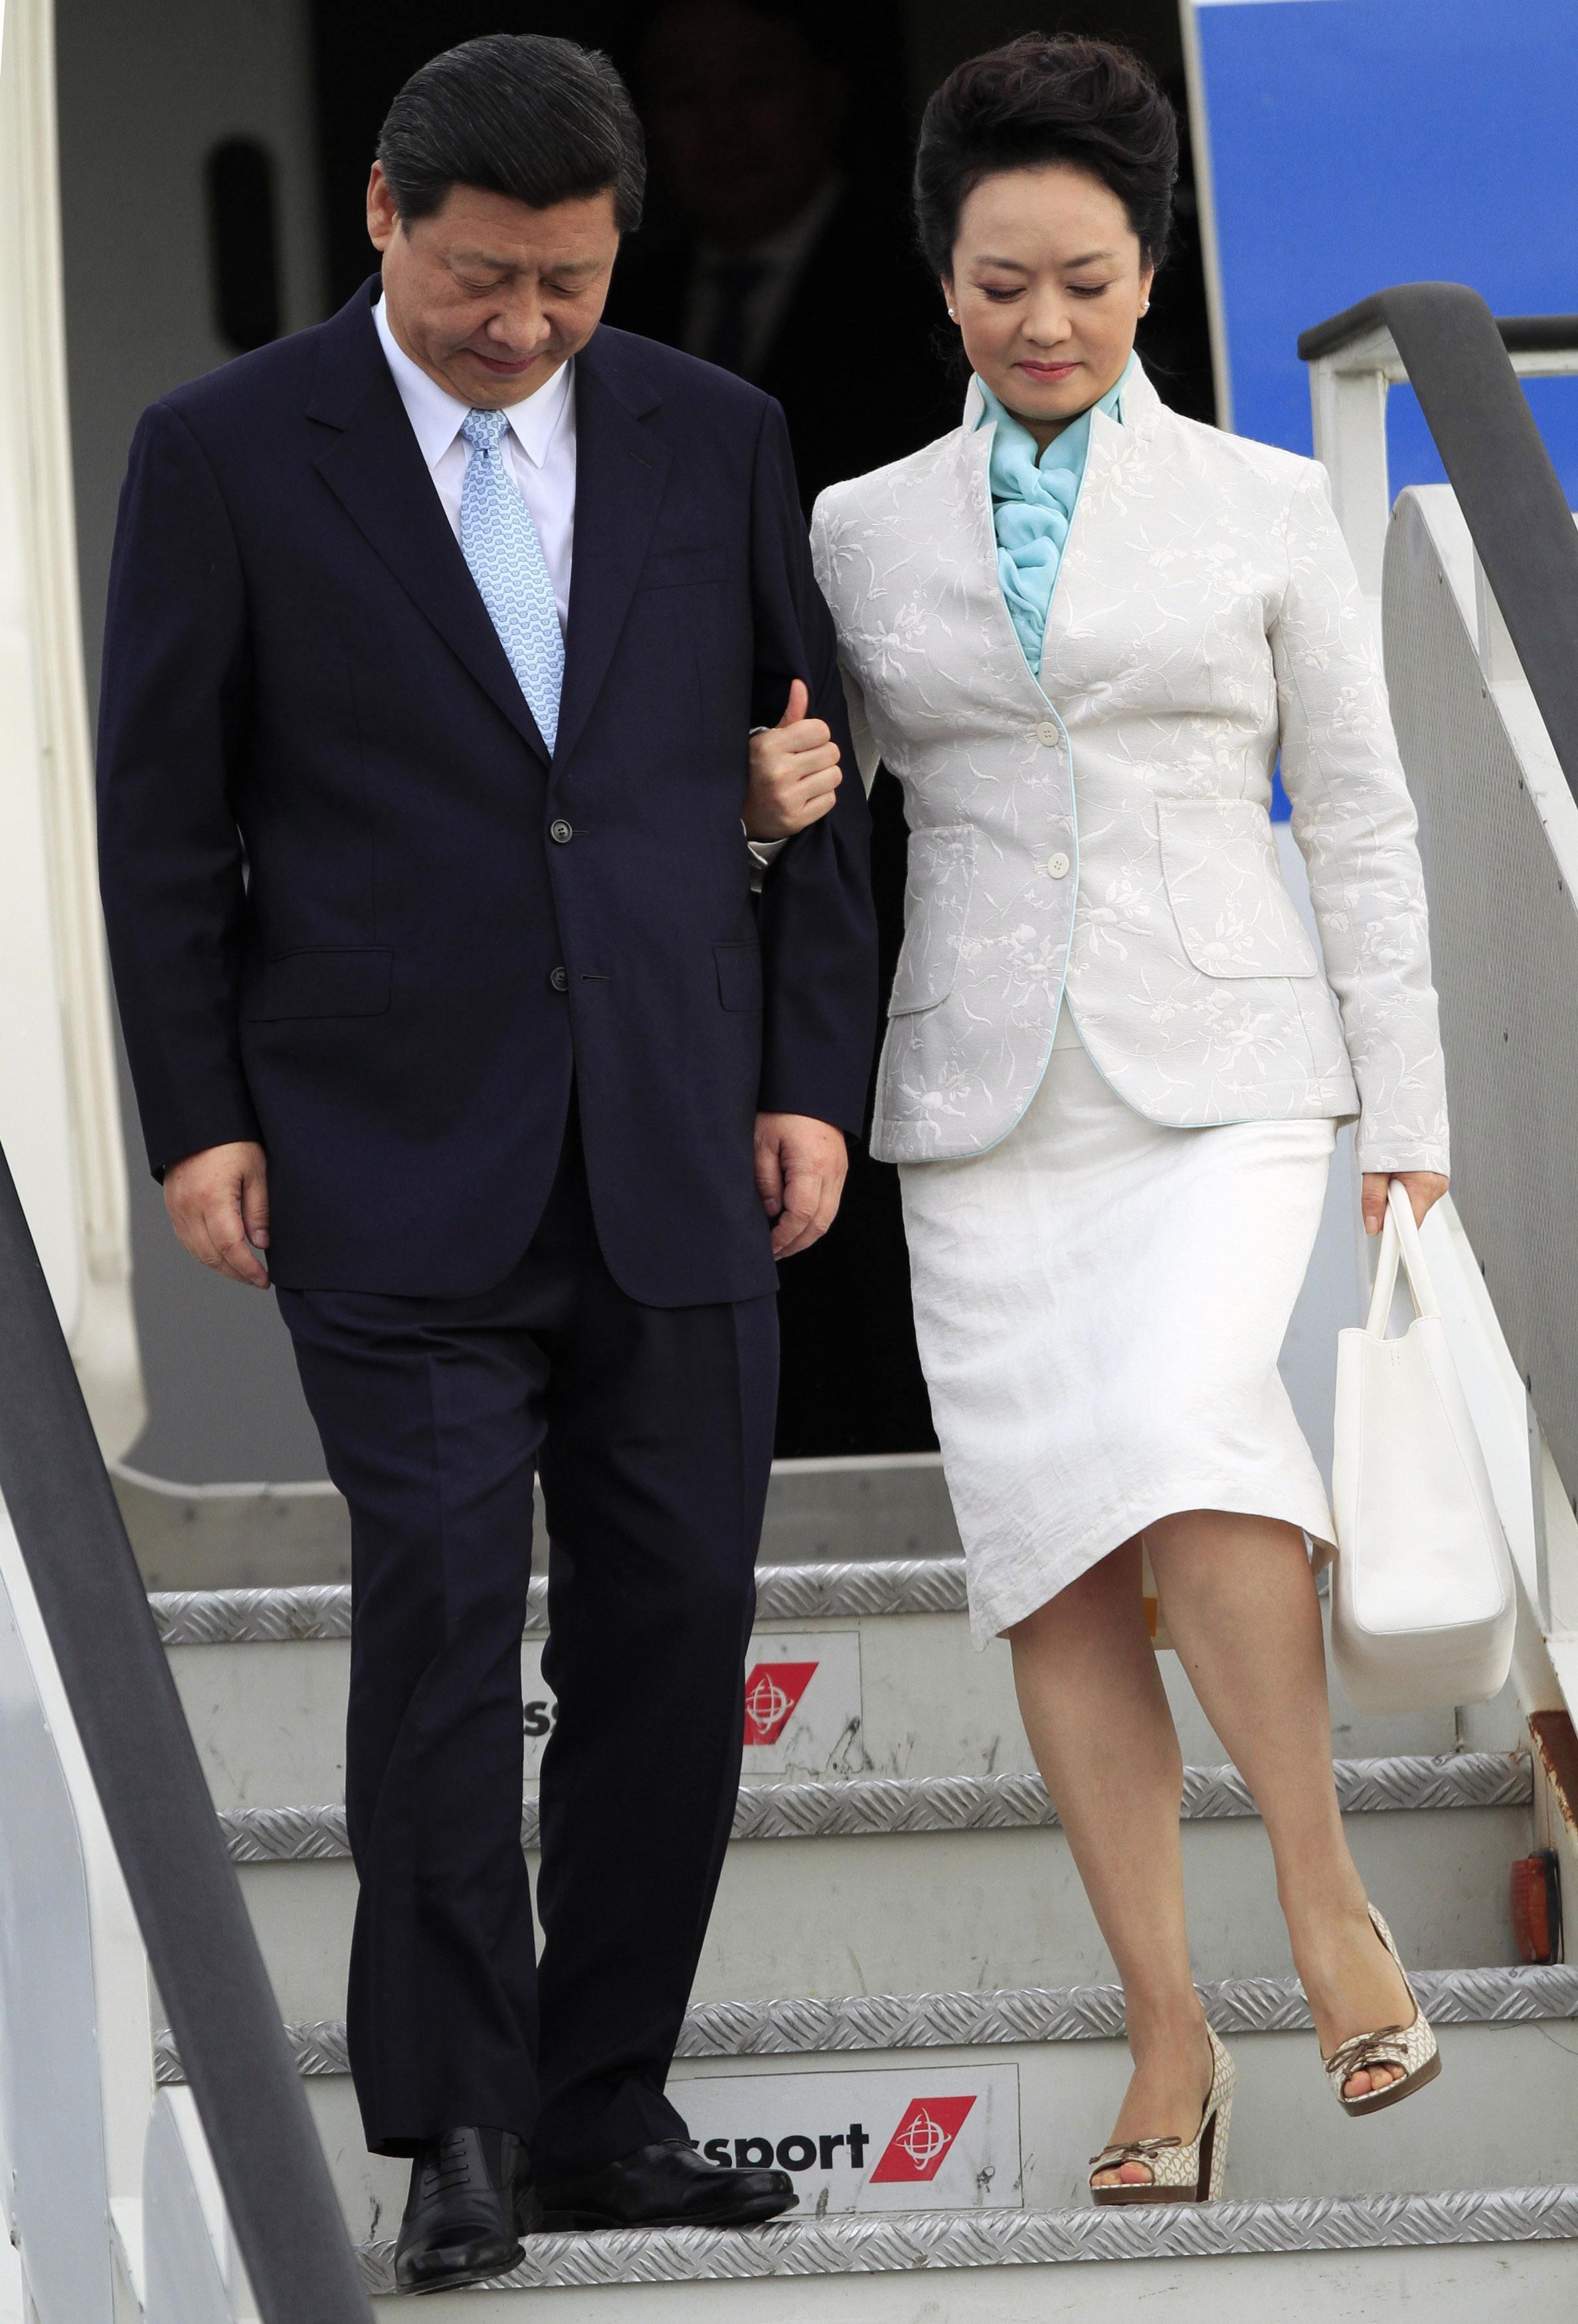 El presidente chino Xi Jinping y su esposa Peng Liyuan en marzo pasado